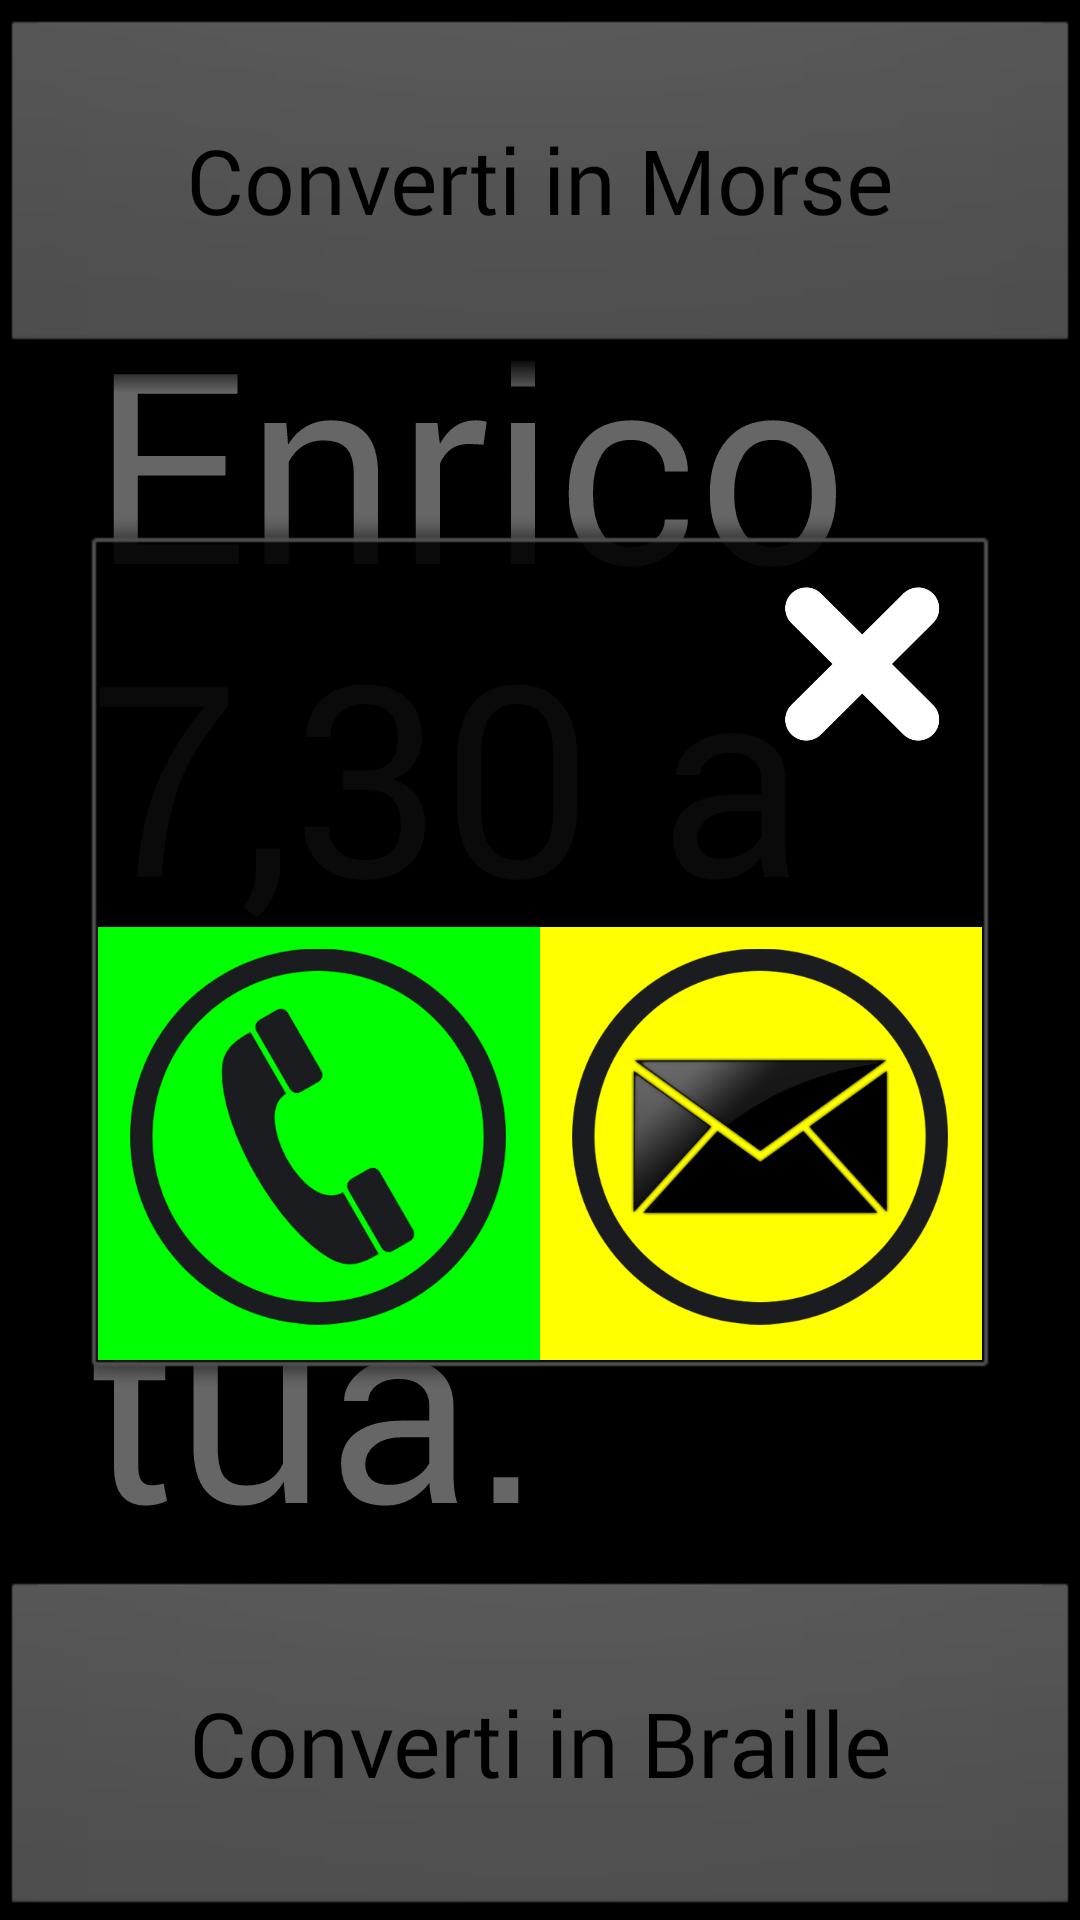 Blind SMS Reader - Finestra chiama o rispondi all'SMS modalità ipovedenti e non udenti